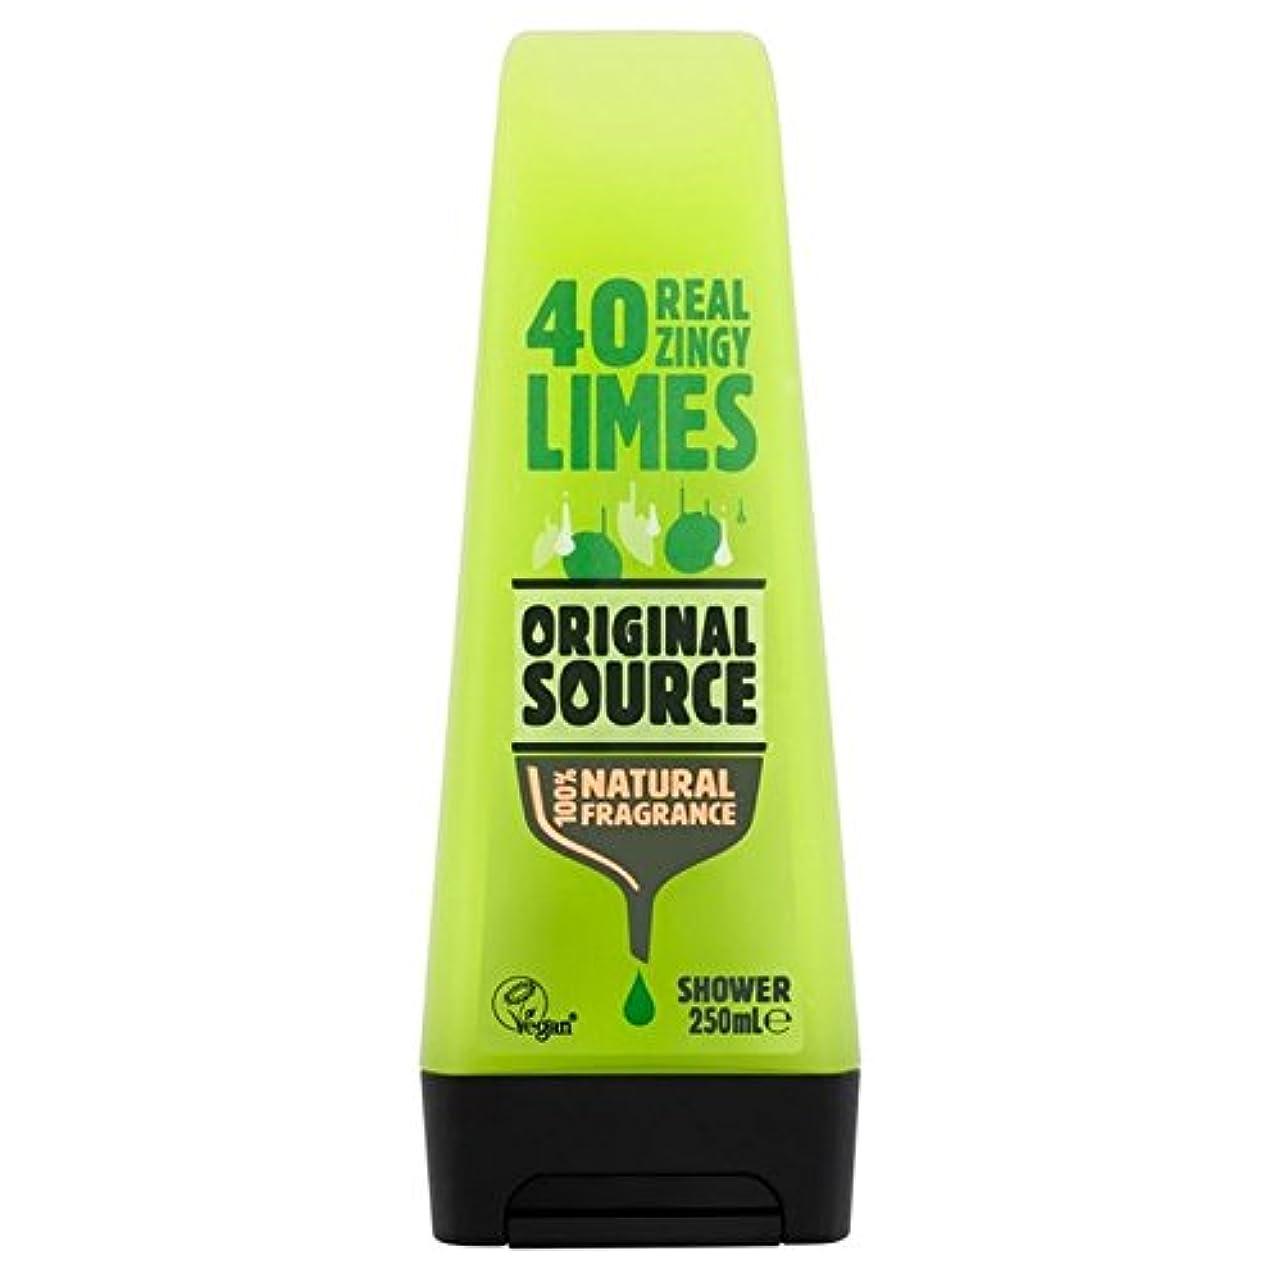 ウールストロー経由で元のソースライムシャワージェル250ミリリットル x2 - Original Source Lime Shower Gel 250ml (Pack of 2) [並行輸入品]